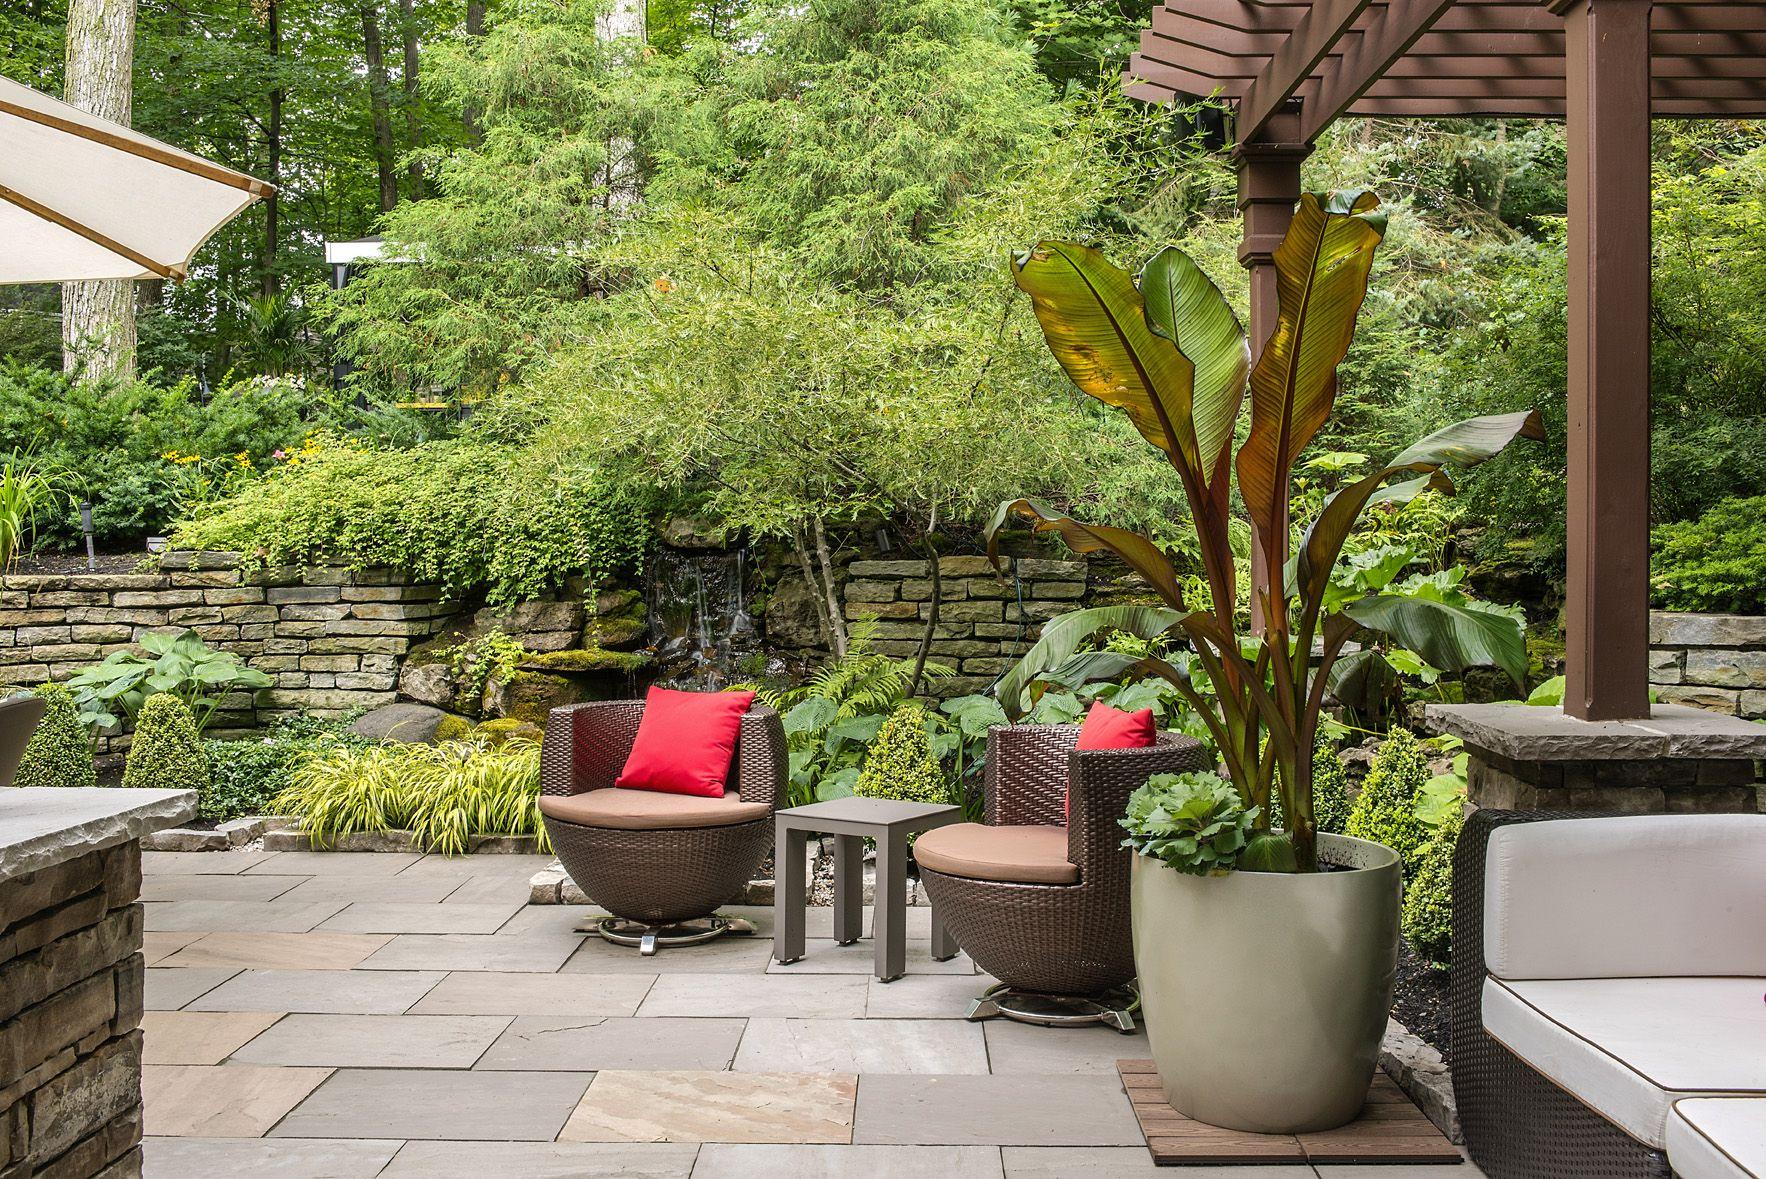 Amenagement Patio terrasse #dominiquefilion #aménager #amenagement #landscaping #patio